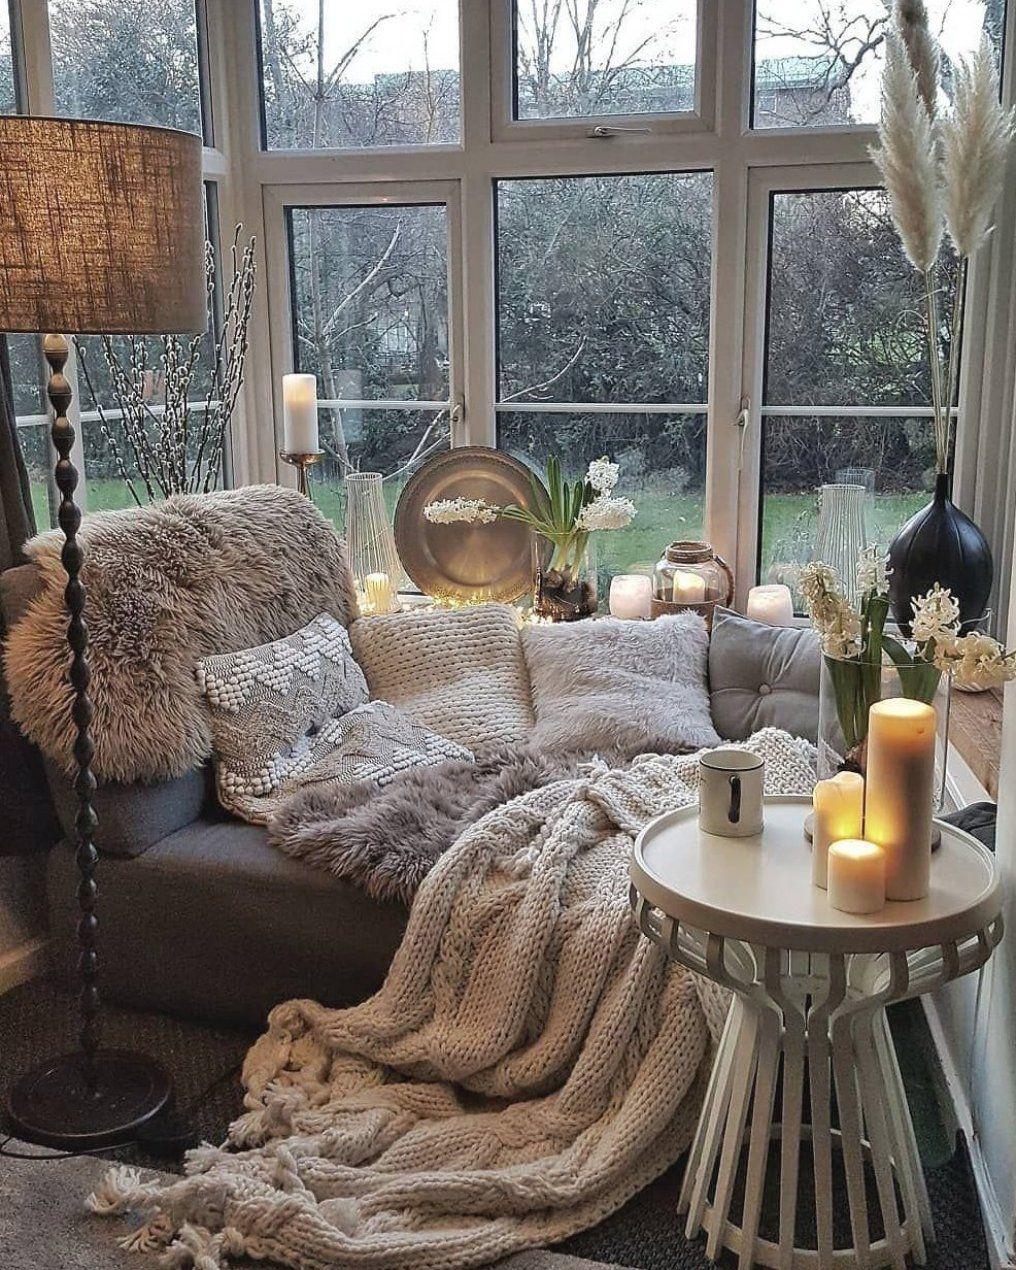 evdekorasyonfikirleri  evdekoru  evi  in  evi  mekanlar    dekorasyonfikirleri  dekorasyon  evoturmaodas    tasar  mevler  decor  decoratingideas  oturmaodas  tasar  mlar    oturmaodas  fikirleri  oturmaodas  tak  mlar    oturmaodas    oturmaodas  dekorasyonfikirleri  koltuk  al   #